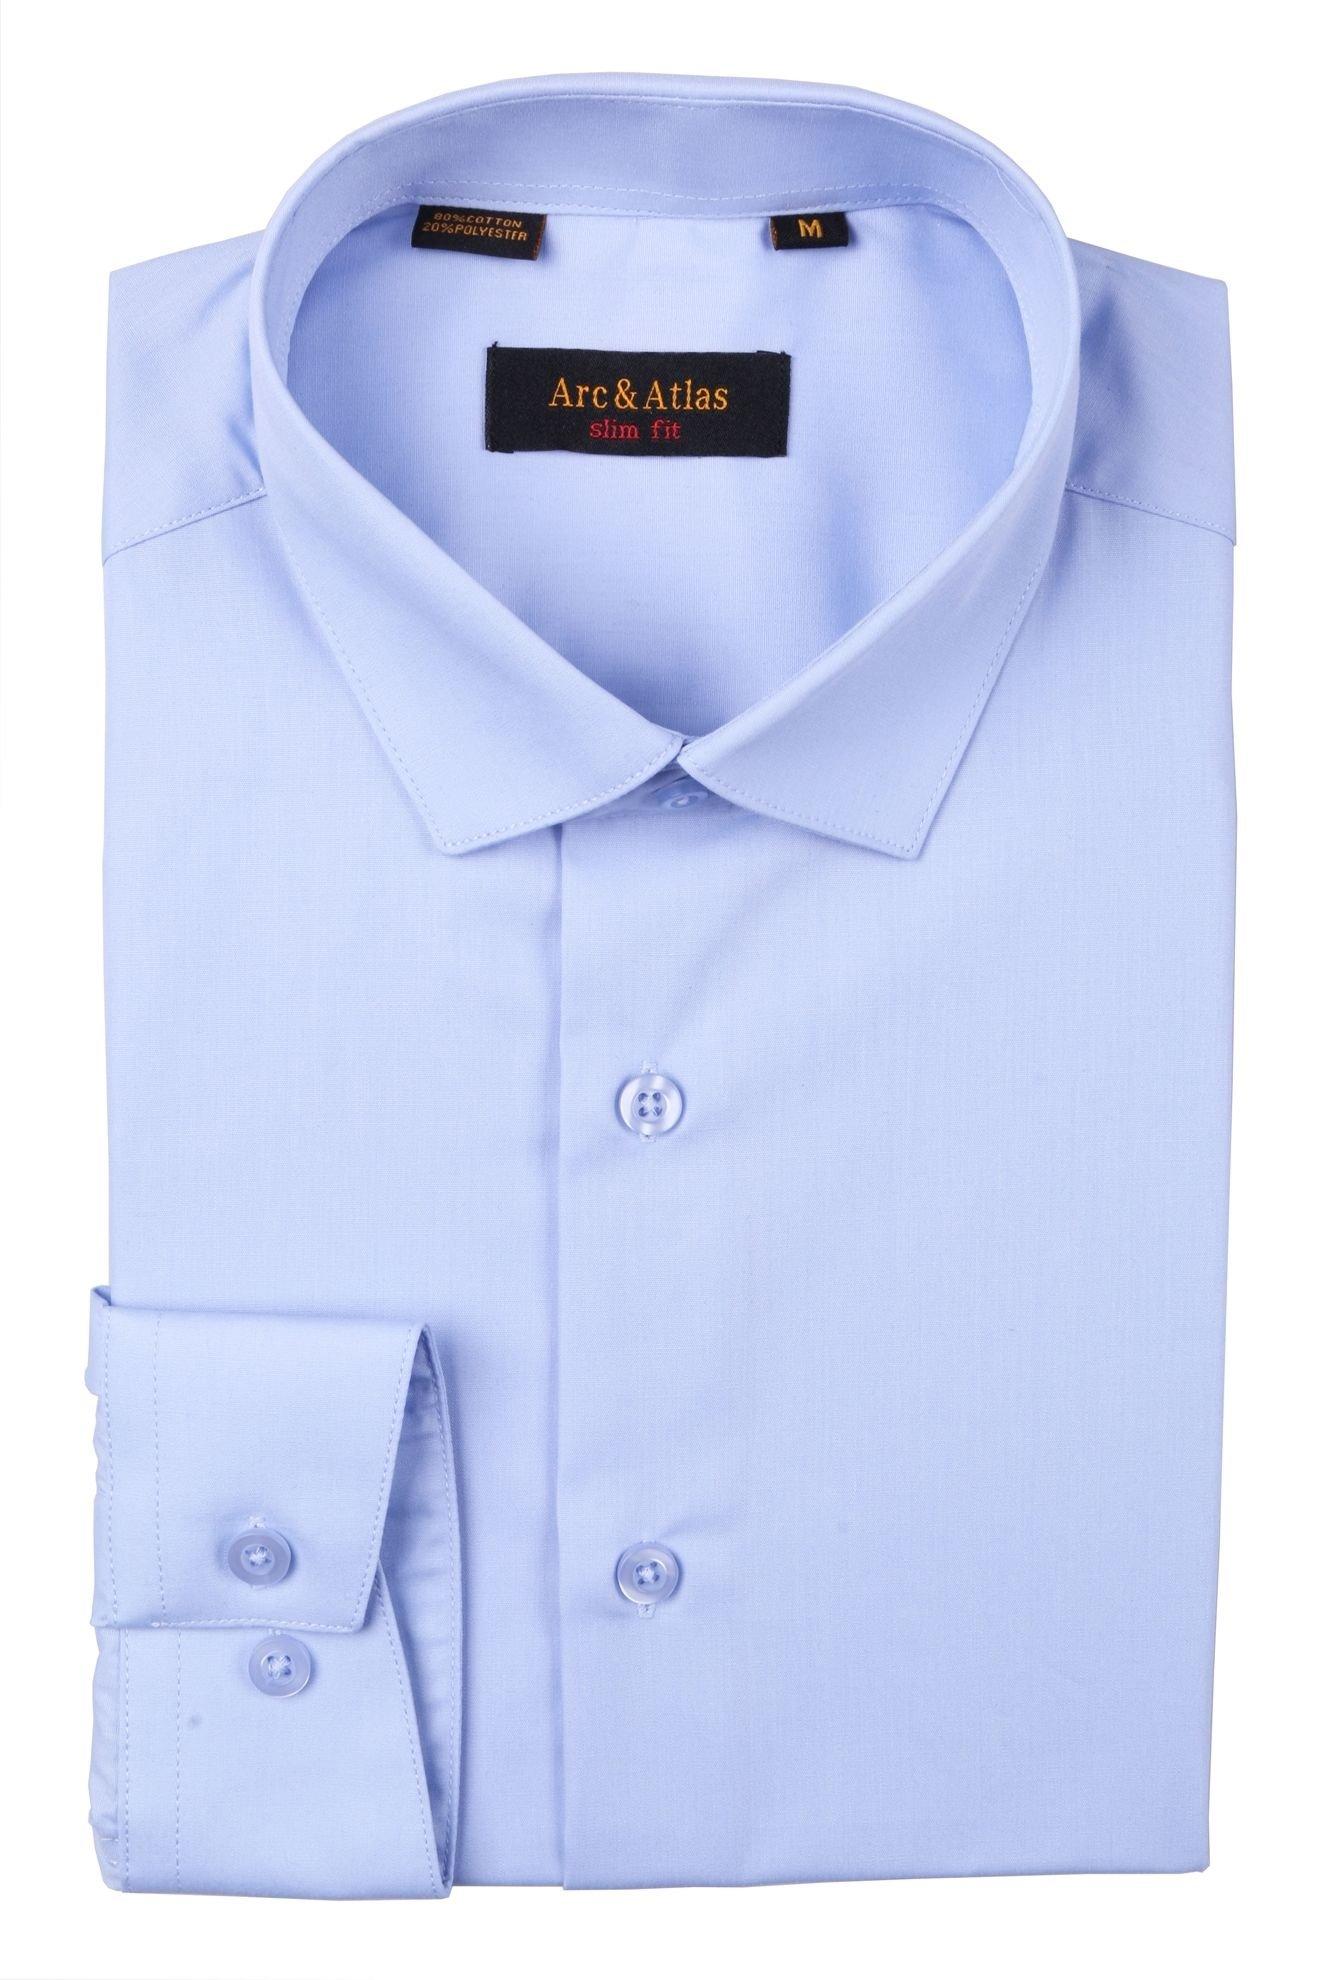 Рубашка мужская приталенная однотонная цвет голубой длинный рукав slim-fit  (Арт. OD-017)